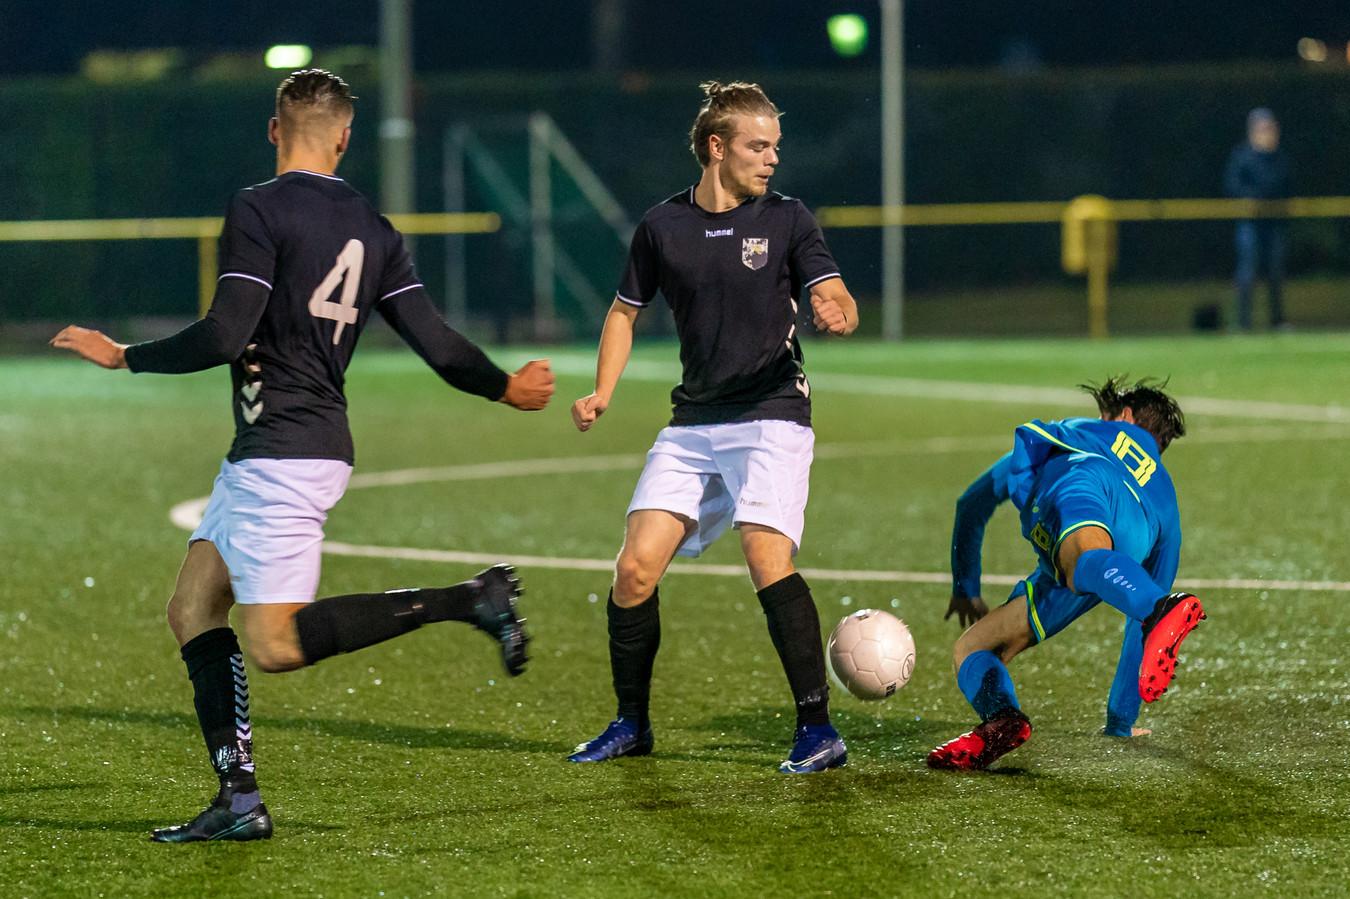 HAVO-Brakkenstein (gespeeld in Nijmegen): de laatste wedstrijd voor de lockdown: Sven Meuwsen (4) en Bas van Gaal in duel met een speler van Brakkenstein.